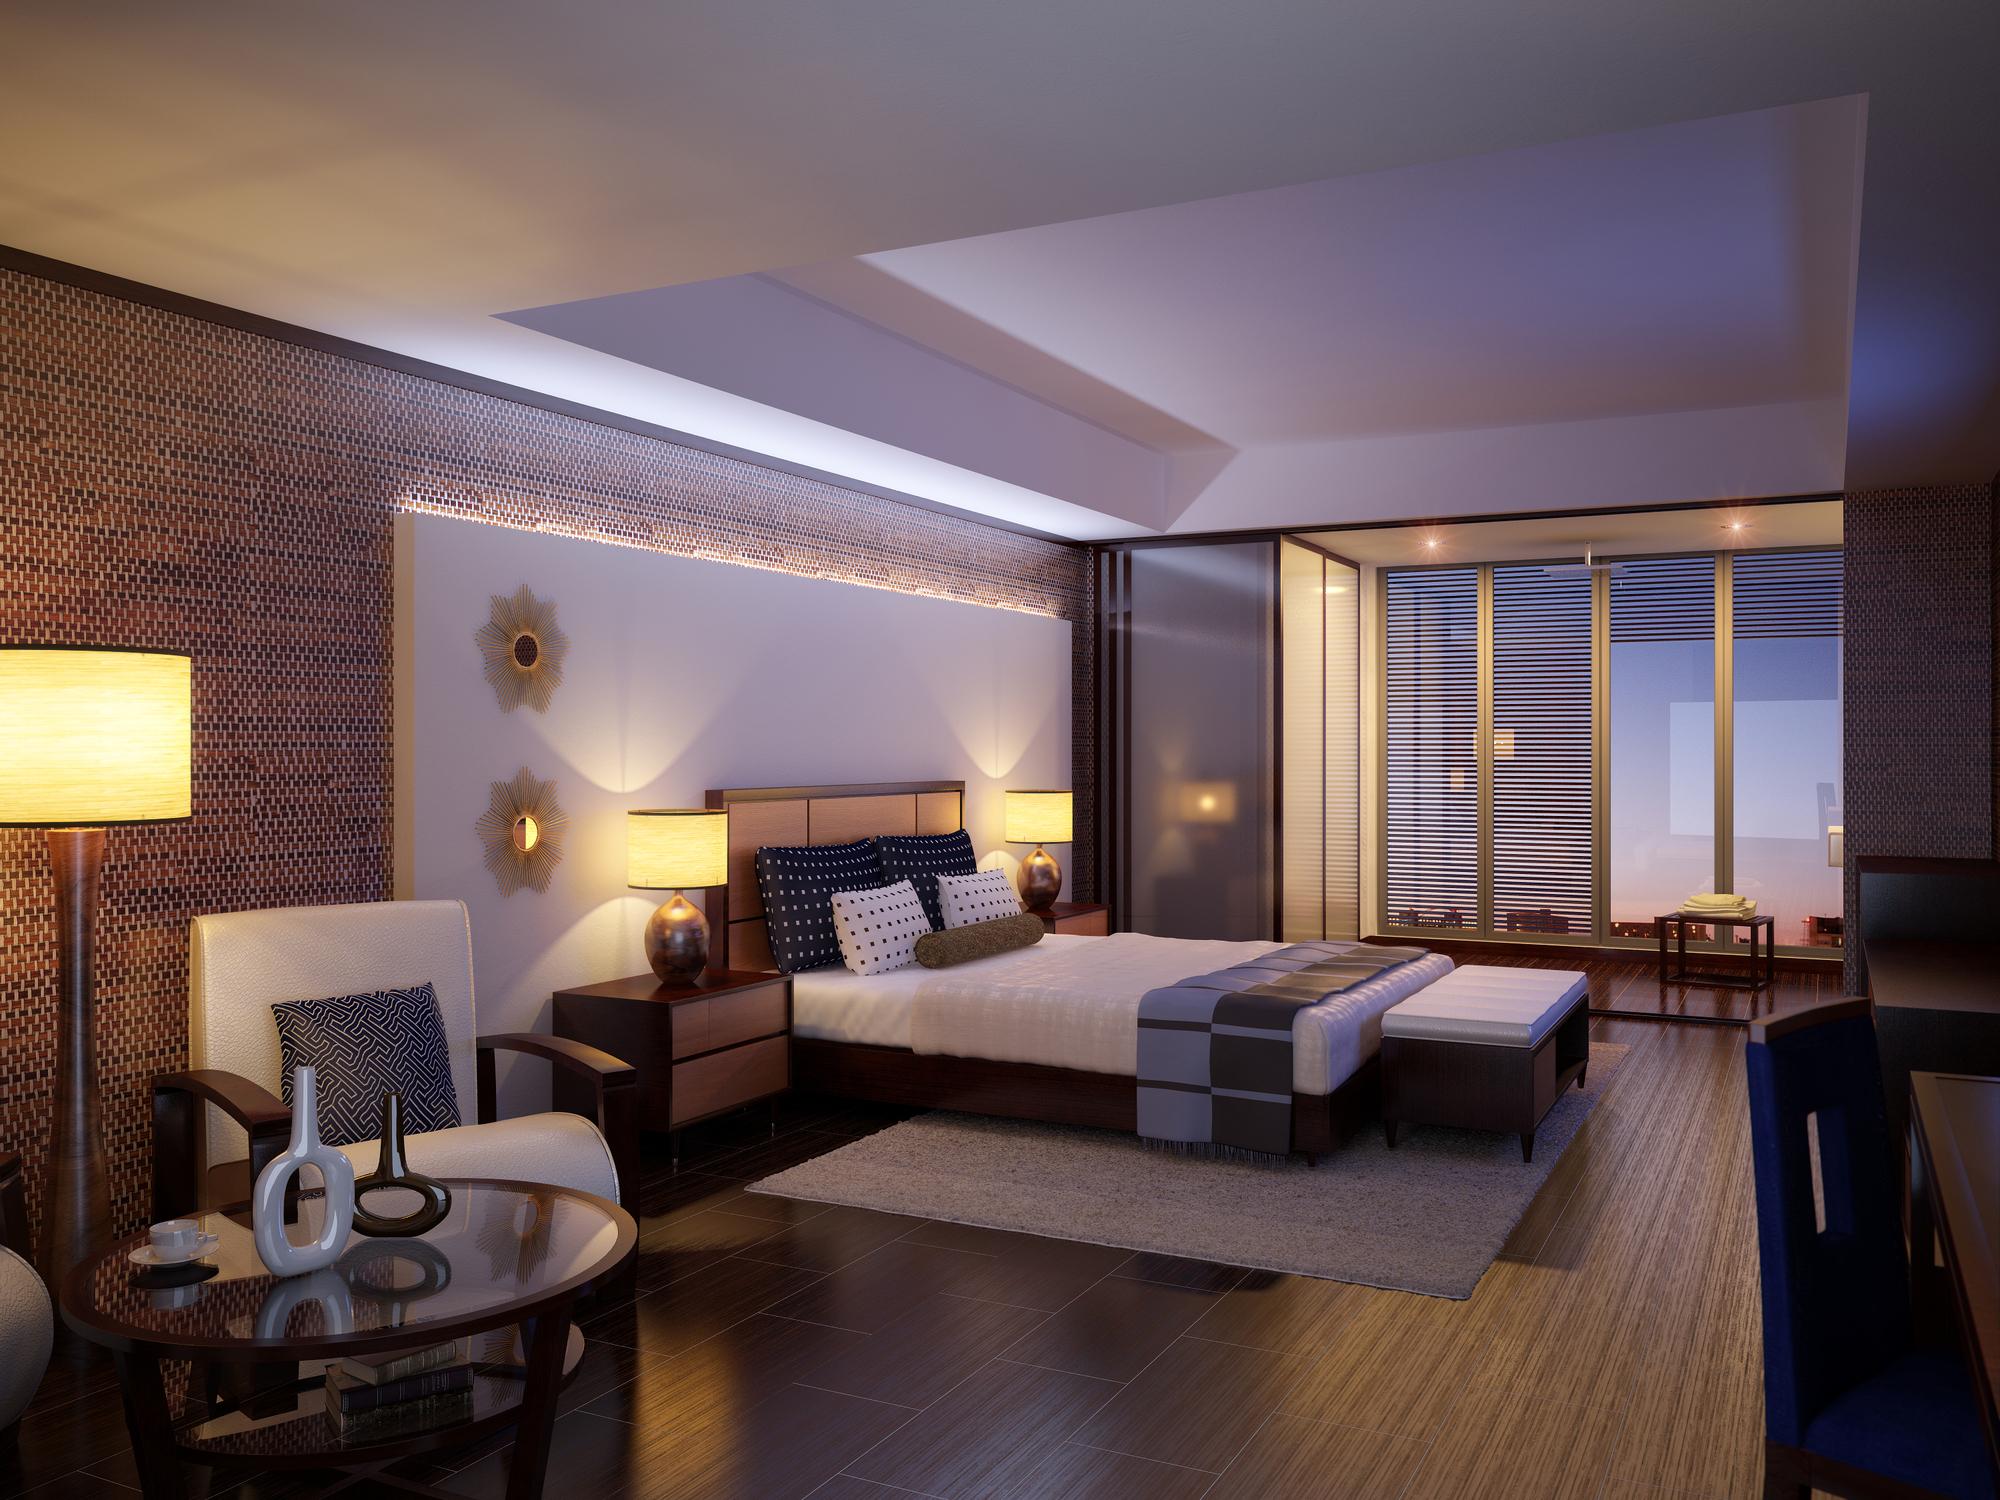 современный ремонт квартир фотографии гостиницы все прячутся